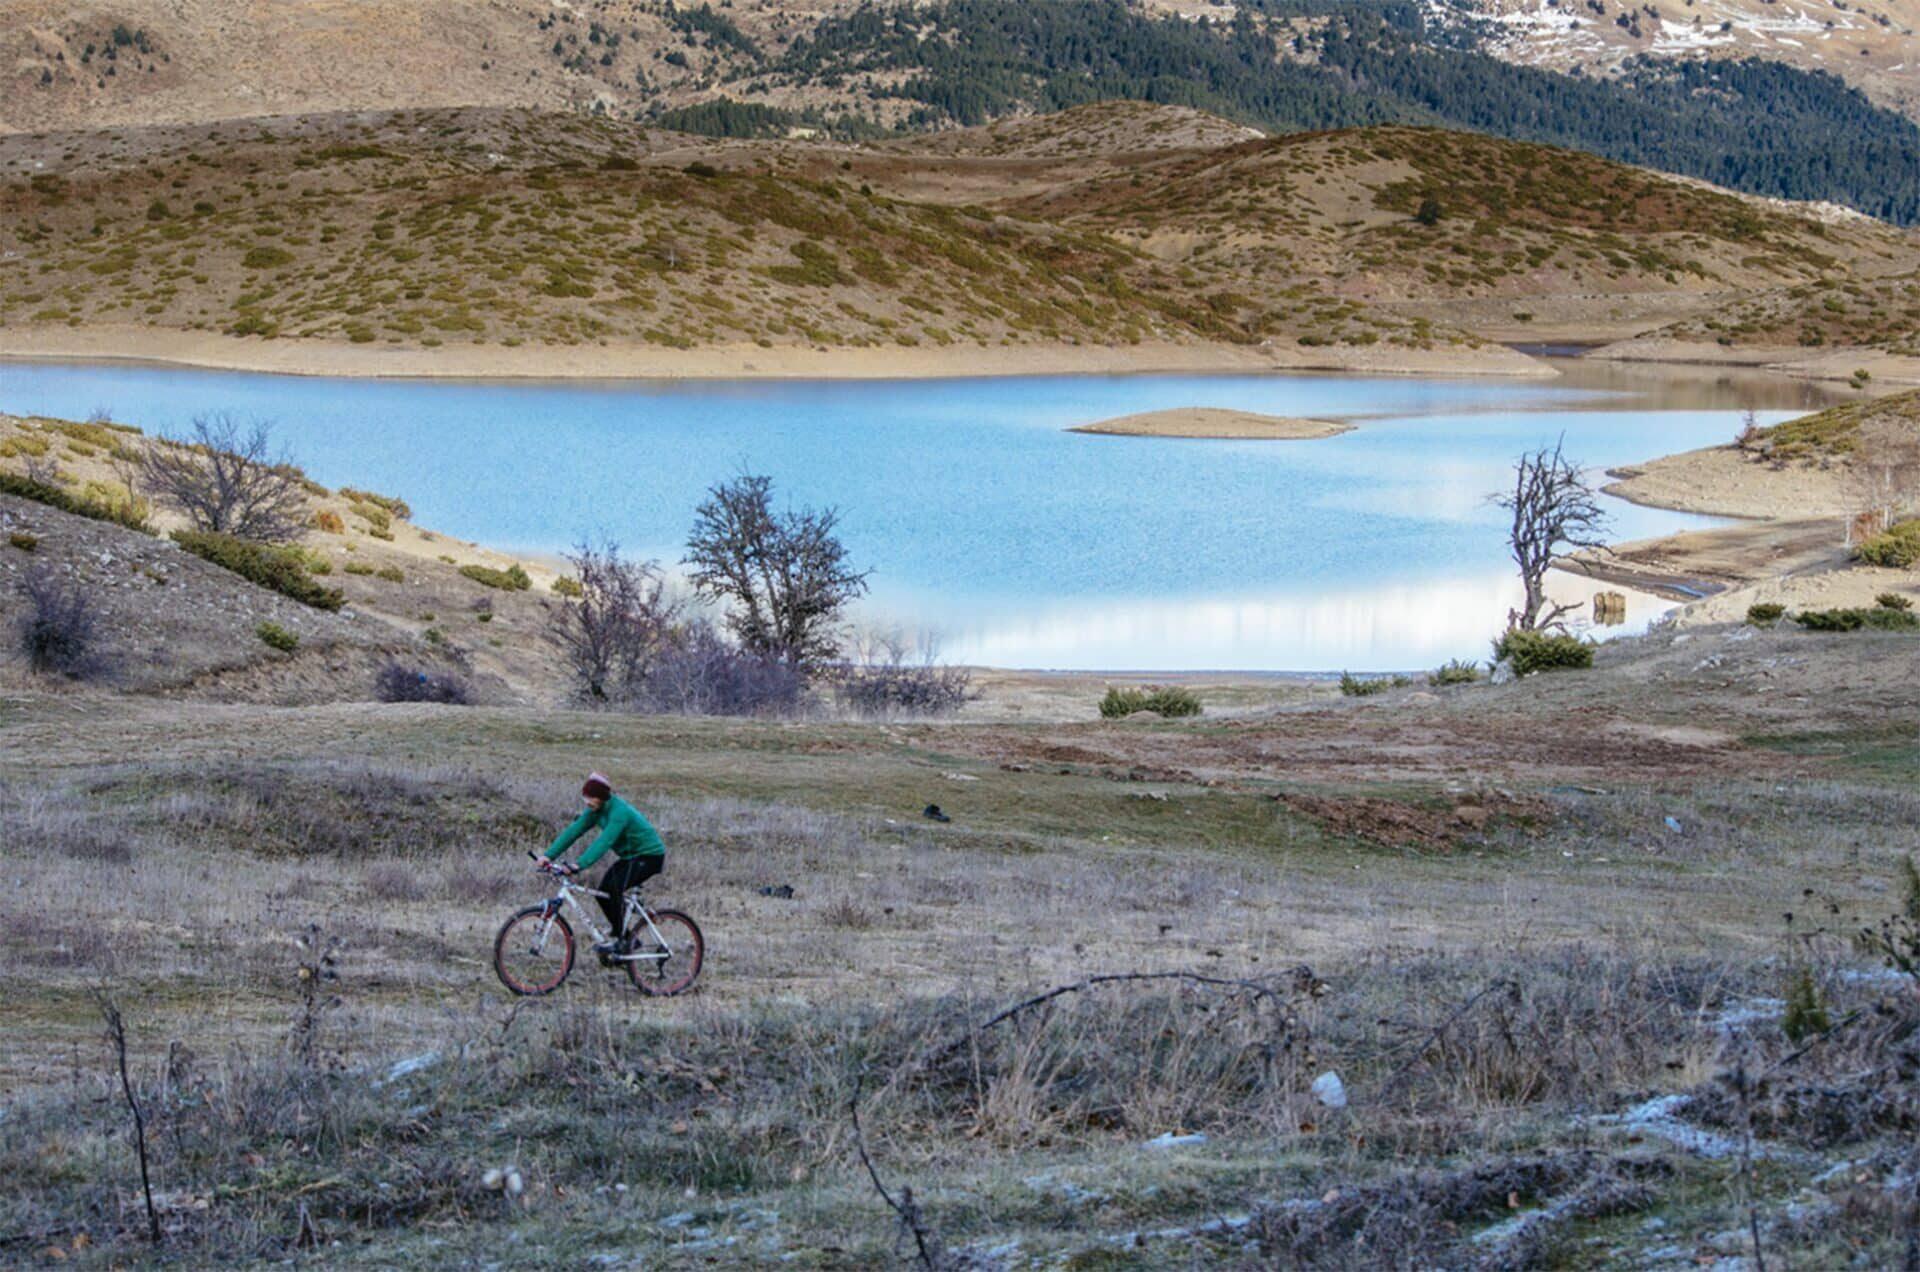 Ορεινή Ποδηλασία στη Λίμνη Πηγών Αώου